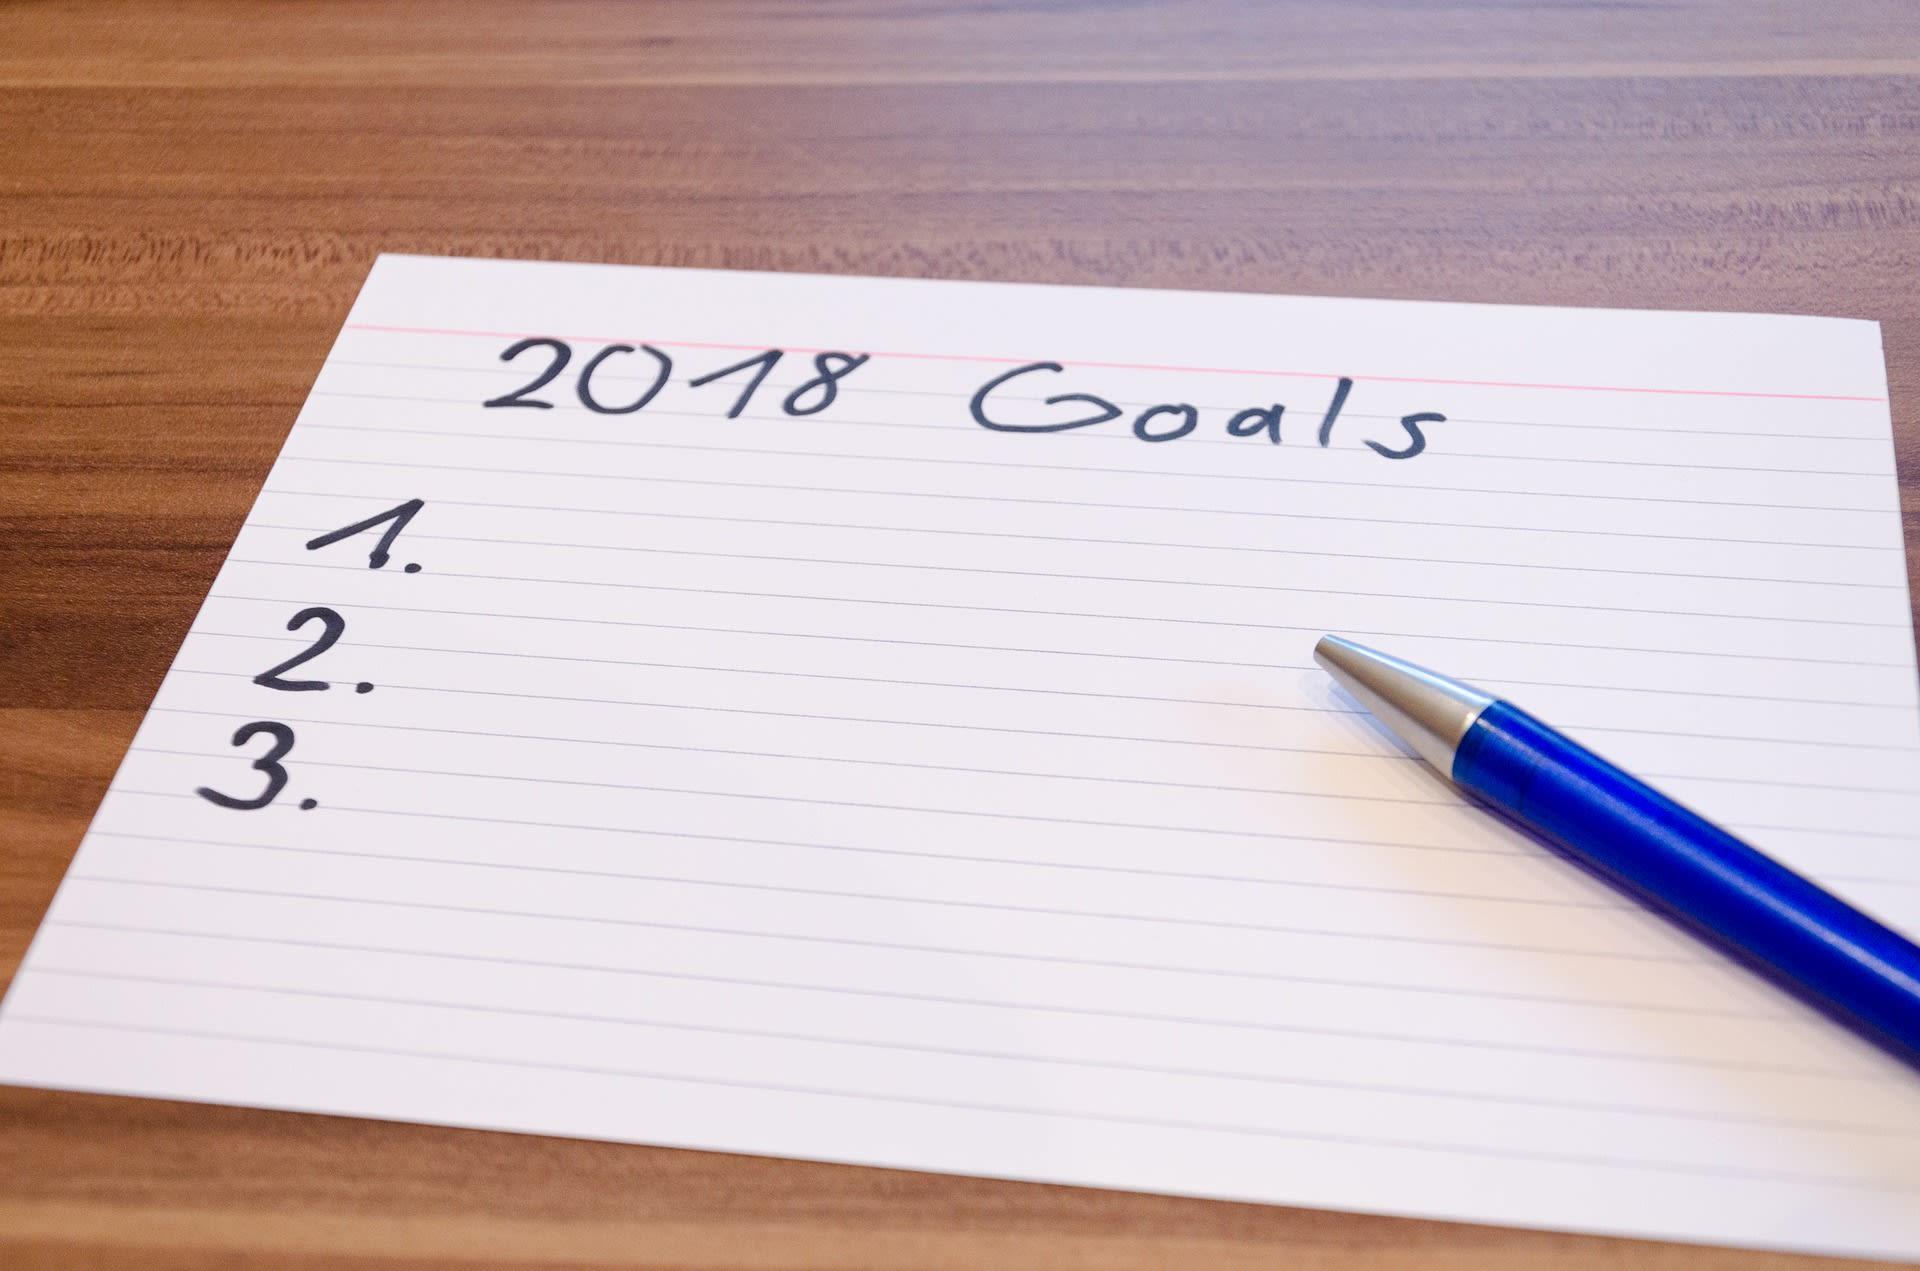 De nieuwjaarsvoornemens van affiliate marketeers